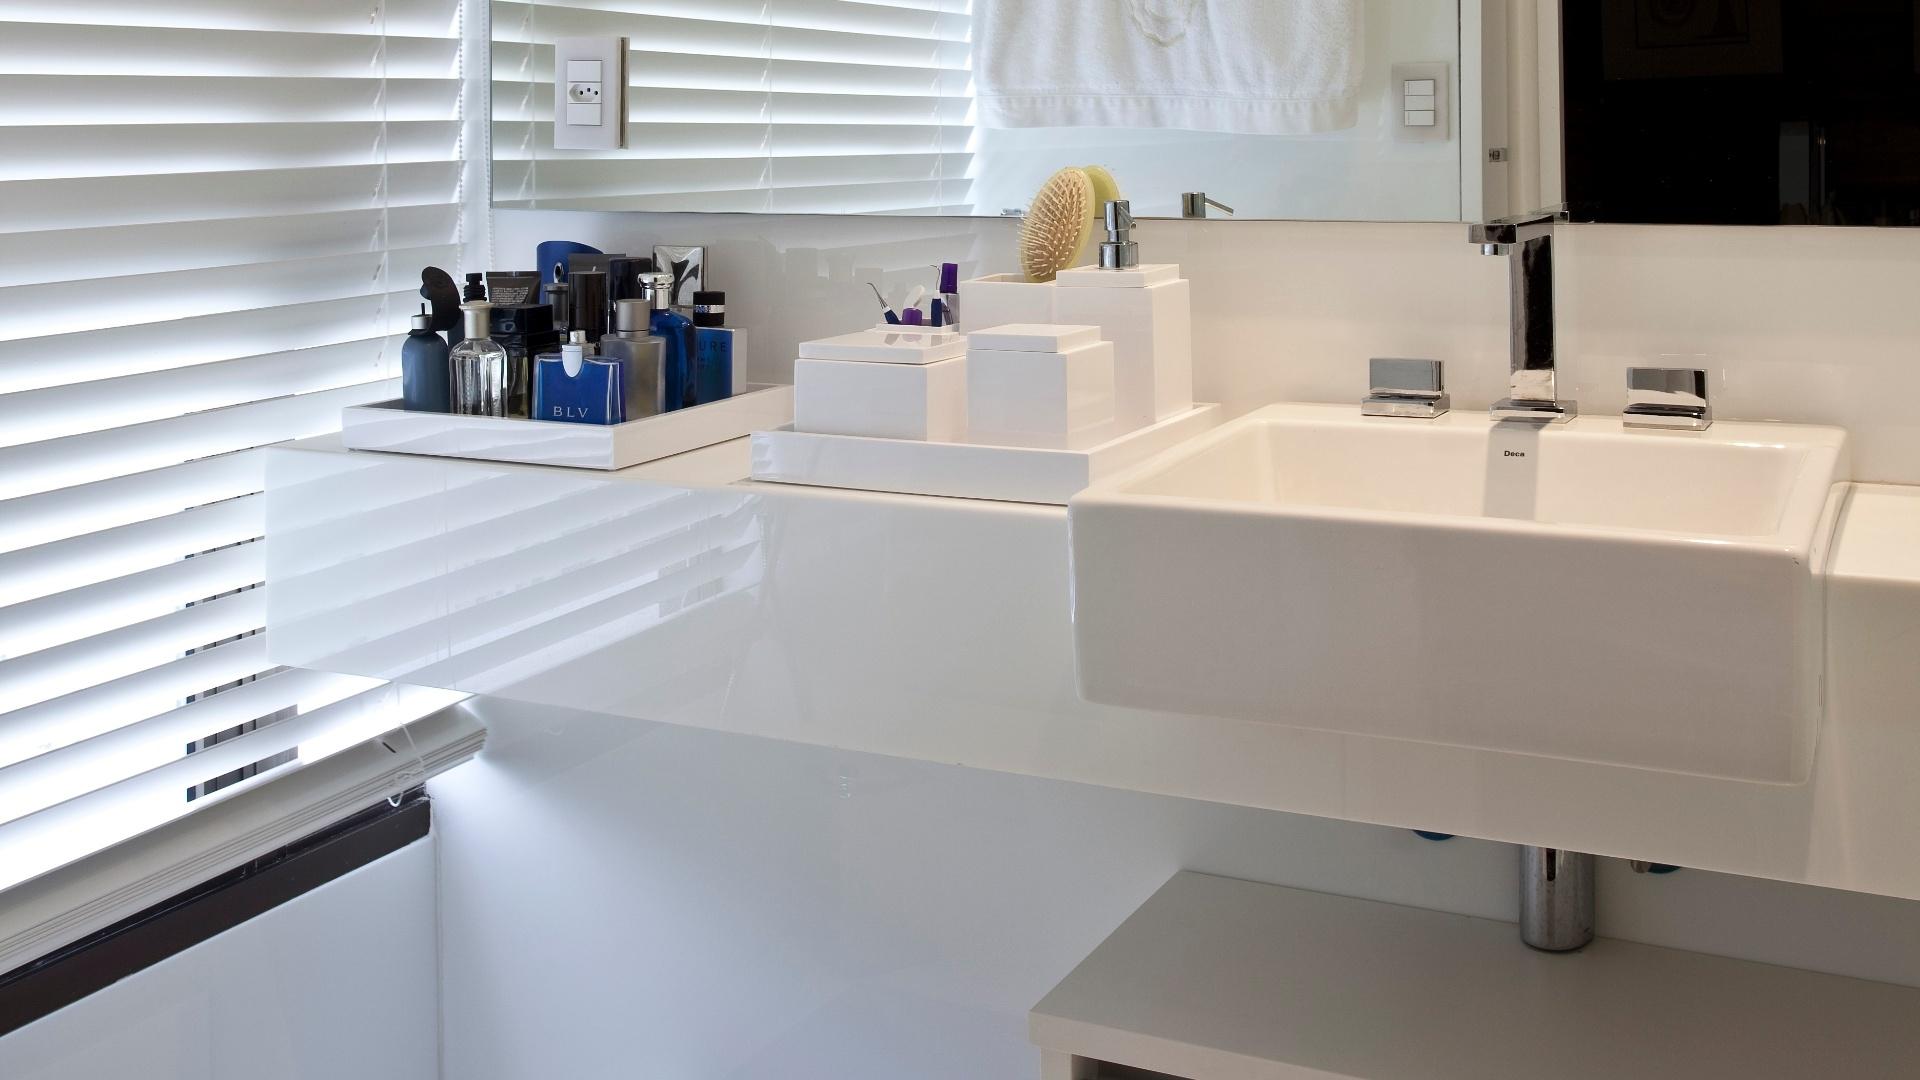 banheiro completamente branco tem bancada Corian e revestimentos  #283D69 1920x1080 Banheiro Bancada Porcelanato